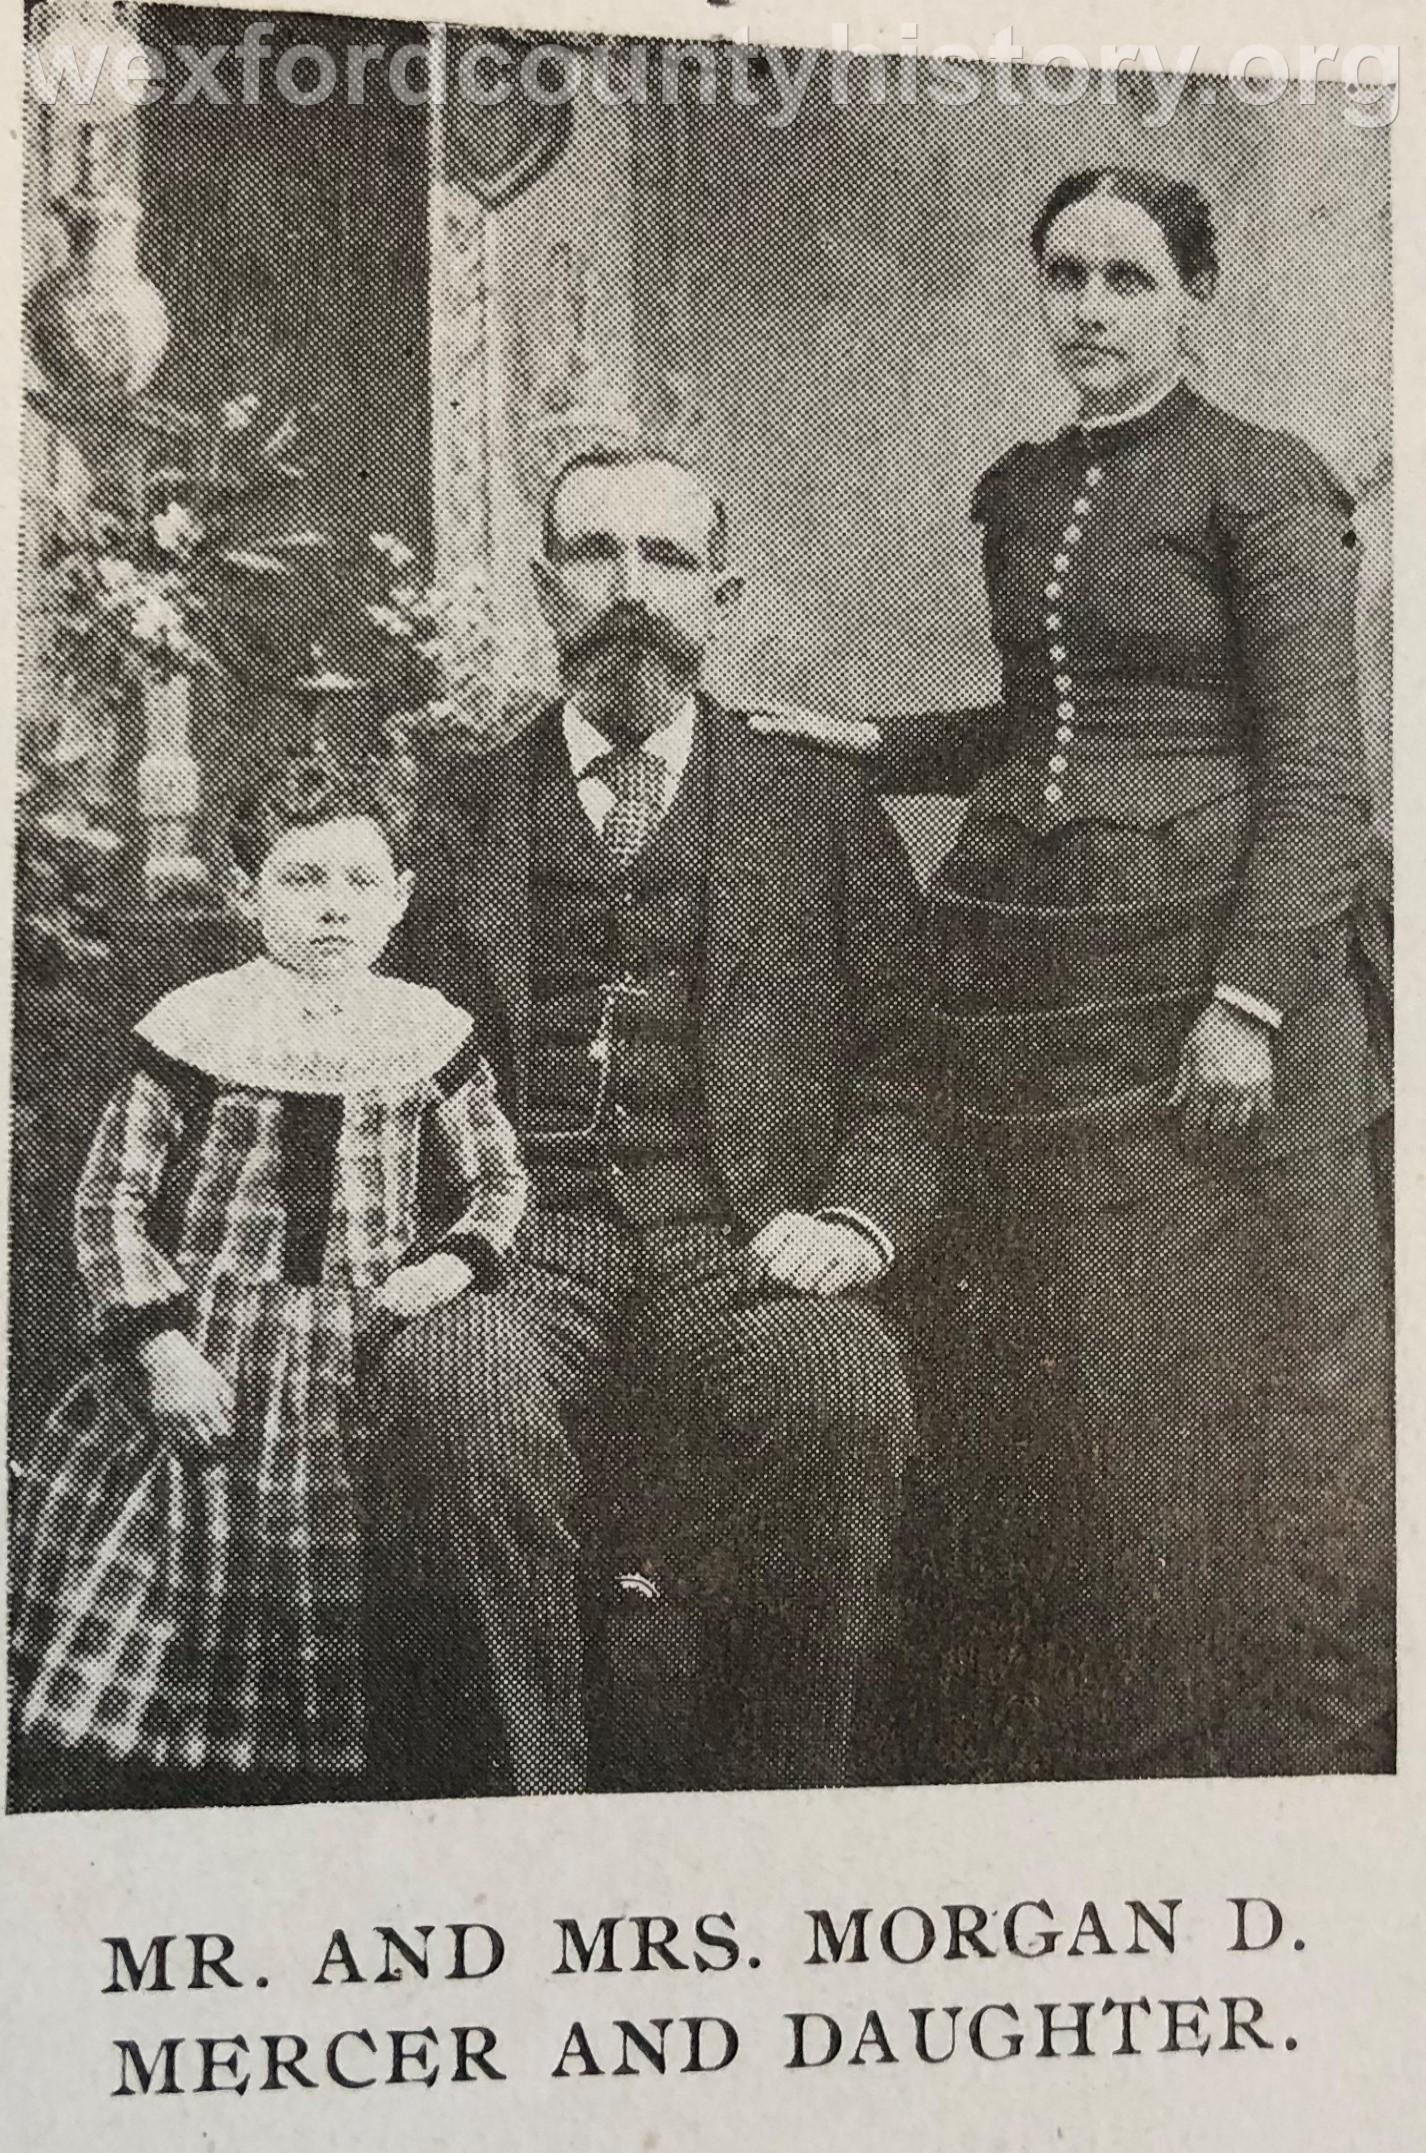 Morgan D. Mercer Family